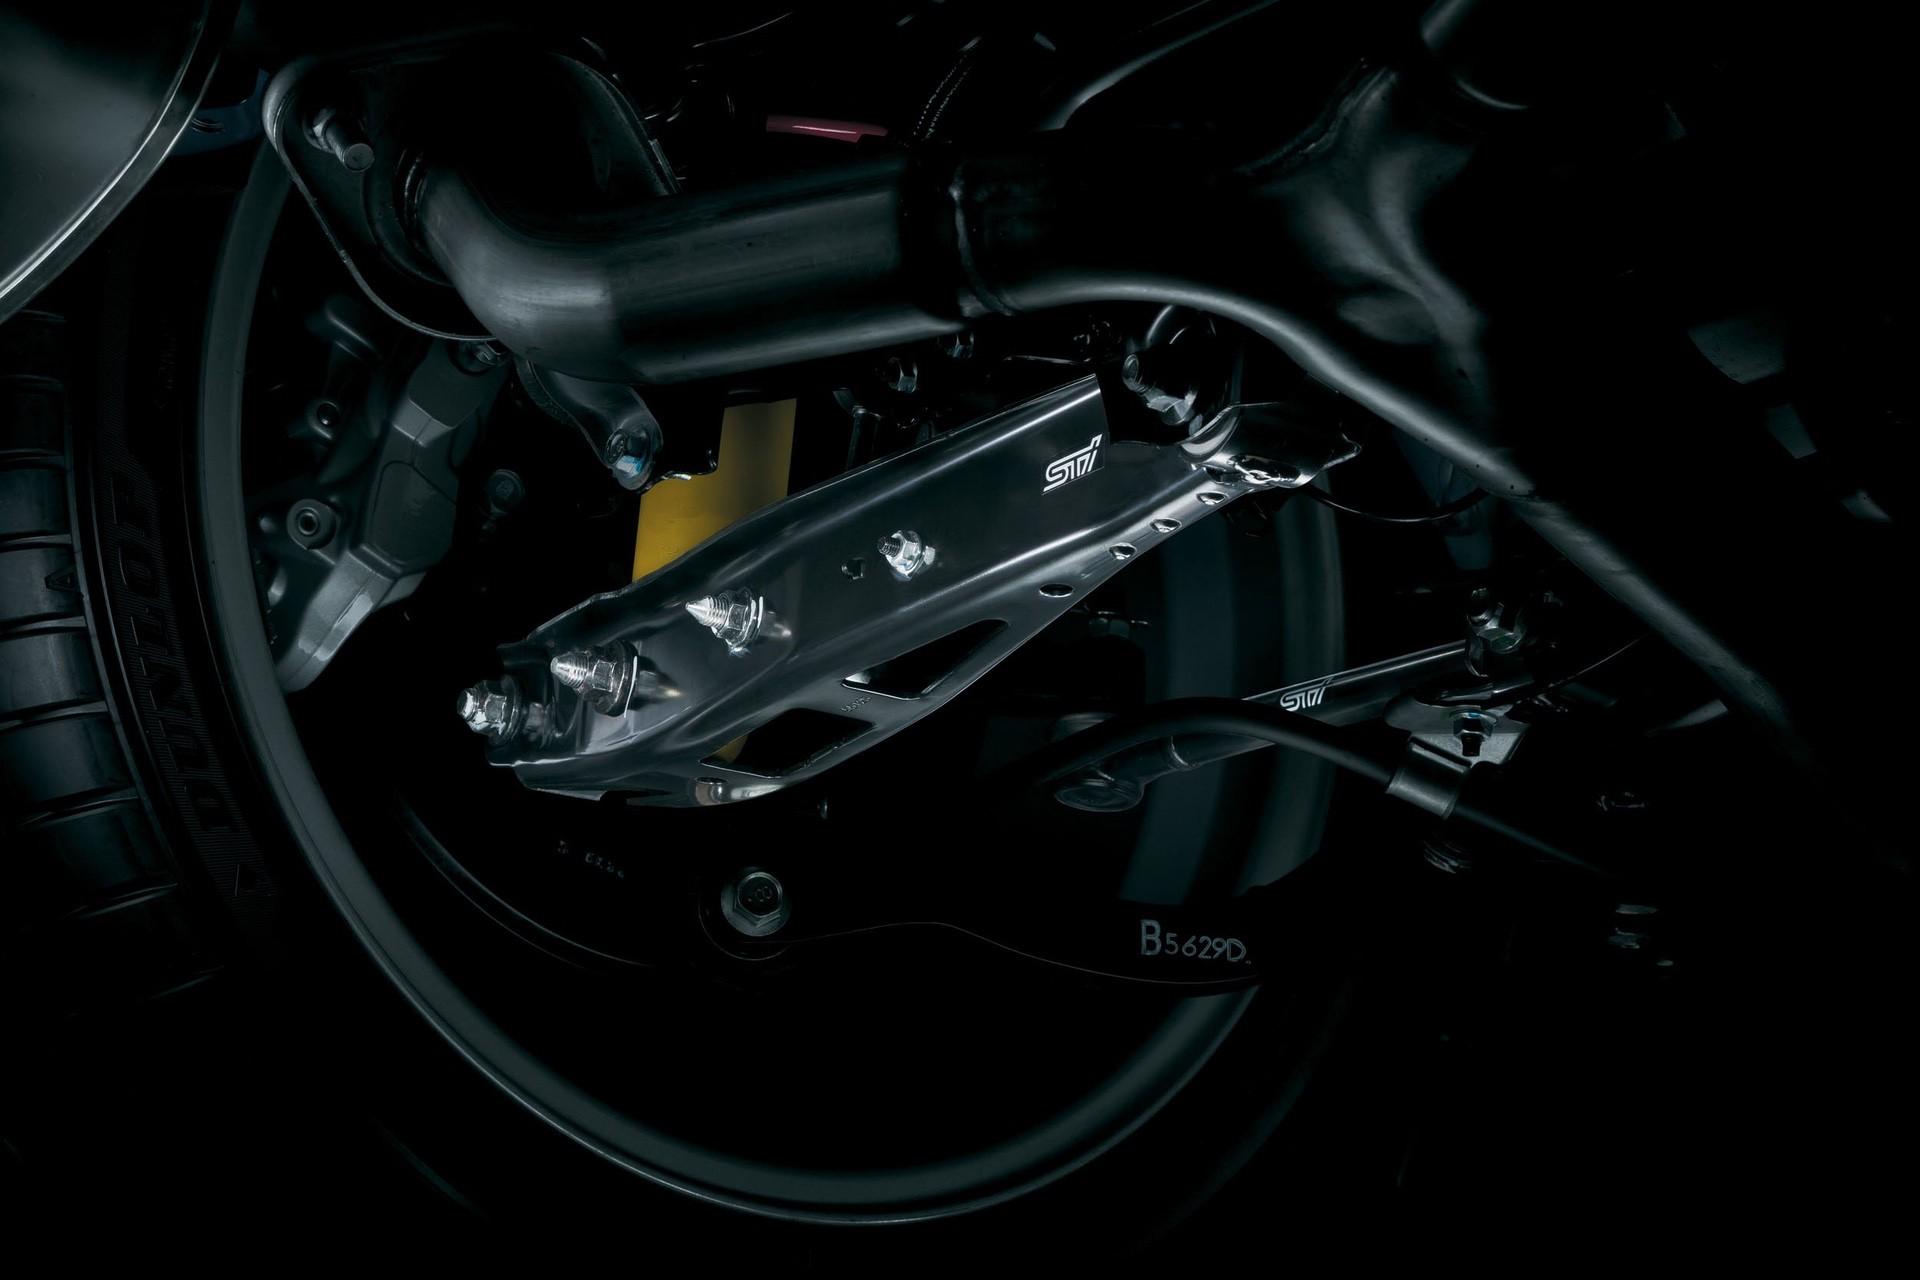 Subaru_Impreza_STI_S207_0021